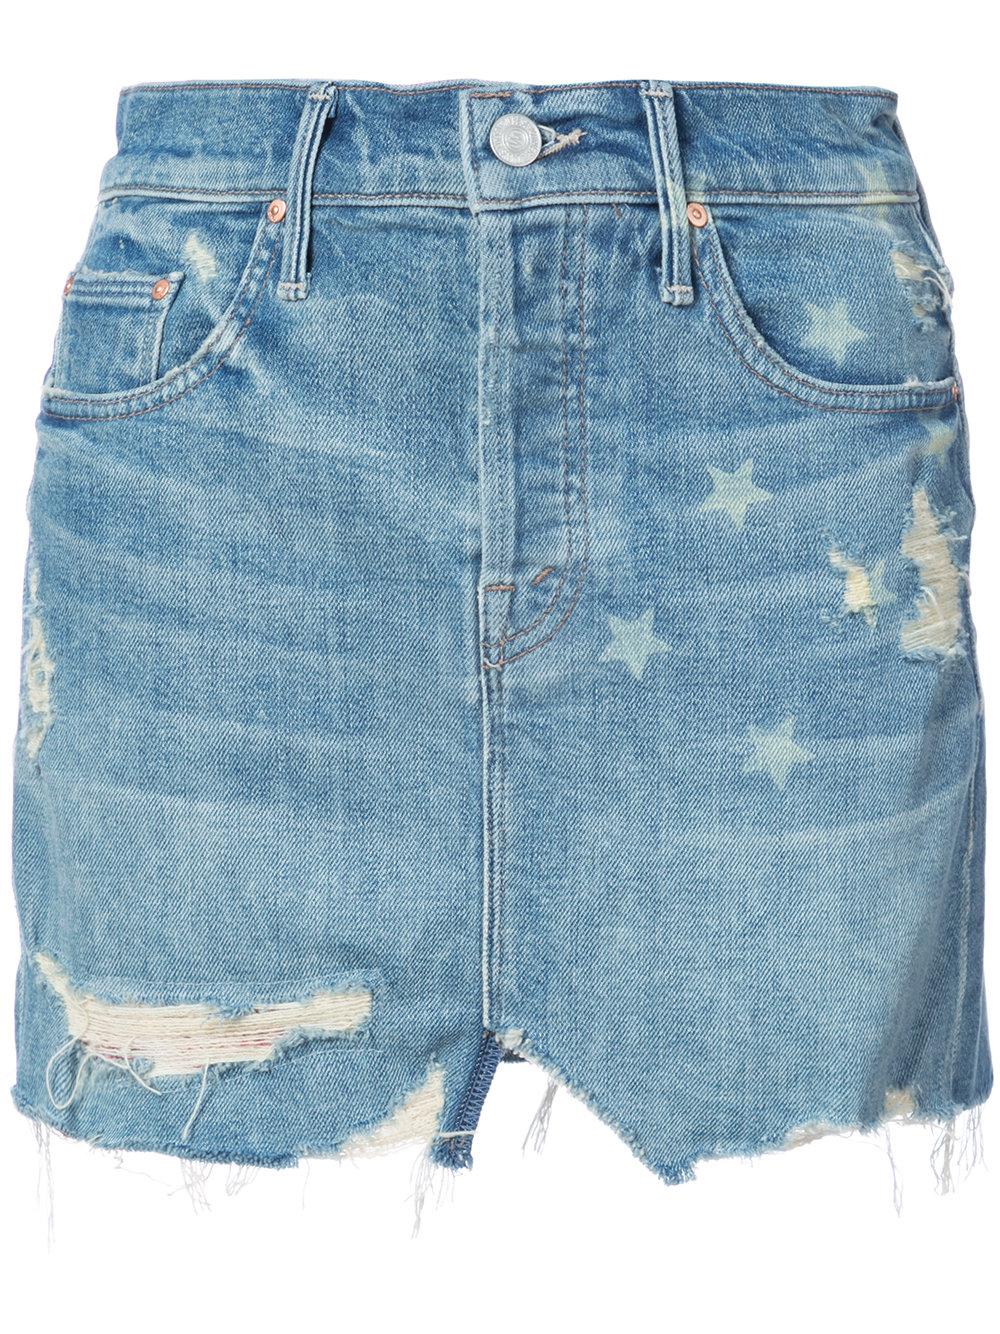 MOTHER skirt $240